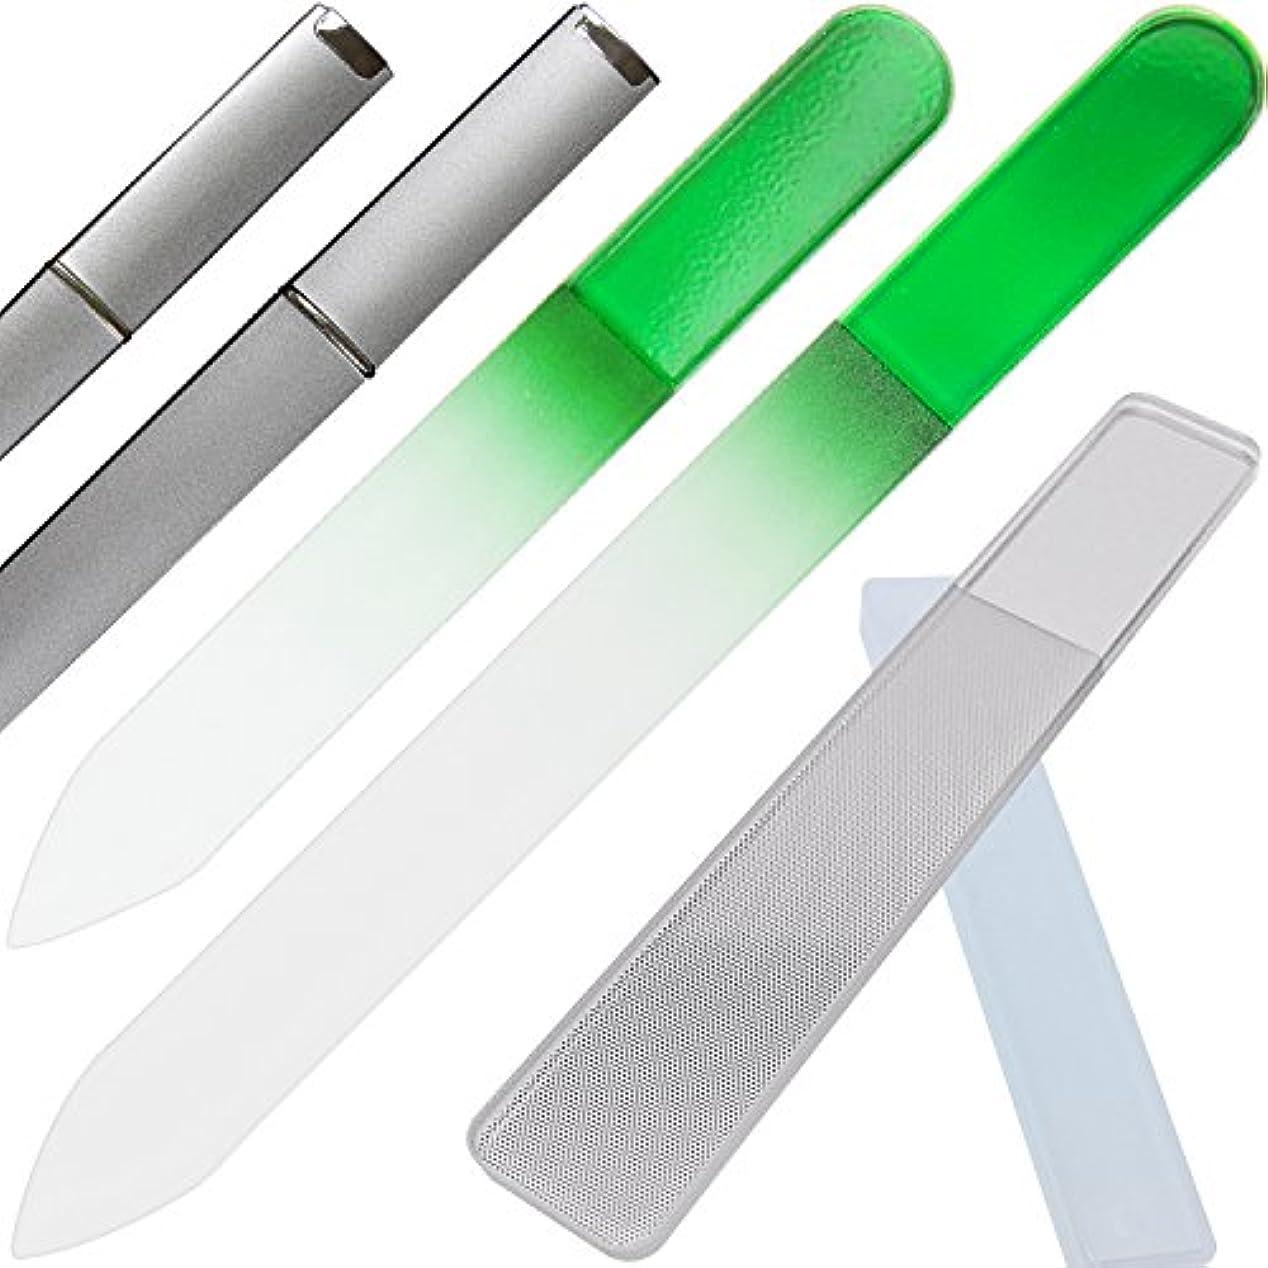 輸送アグネスグレイヘリコプターClarente 爪やすり 爪磨き ガラス製 専用 ケース付 4点セット ネイル ケア